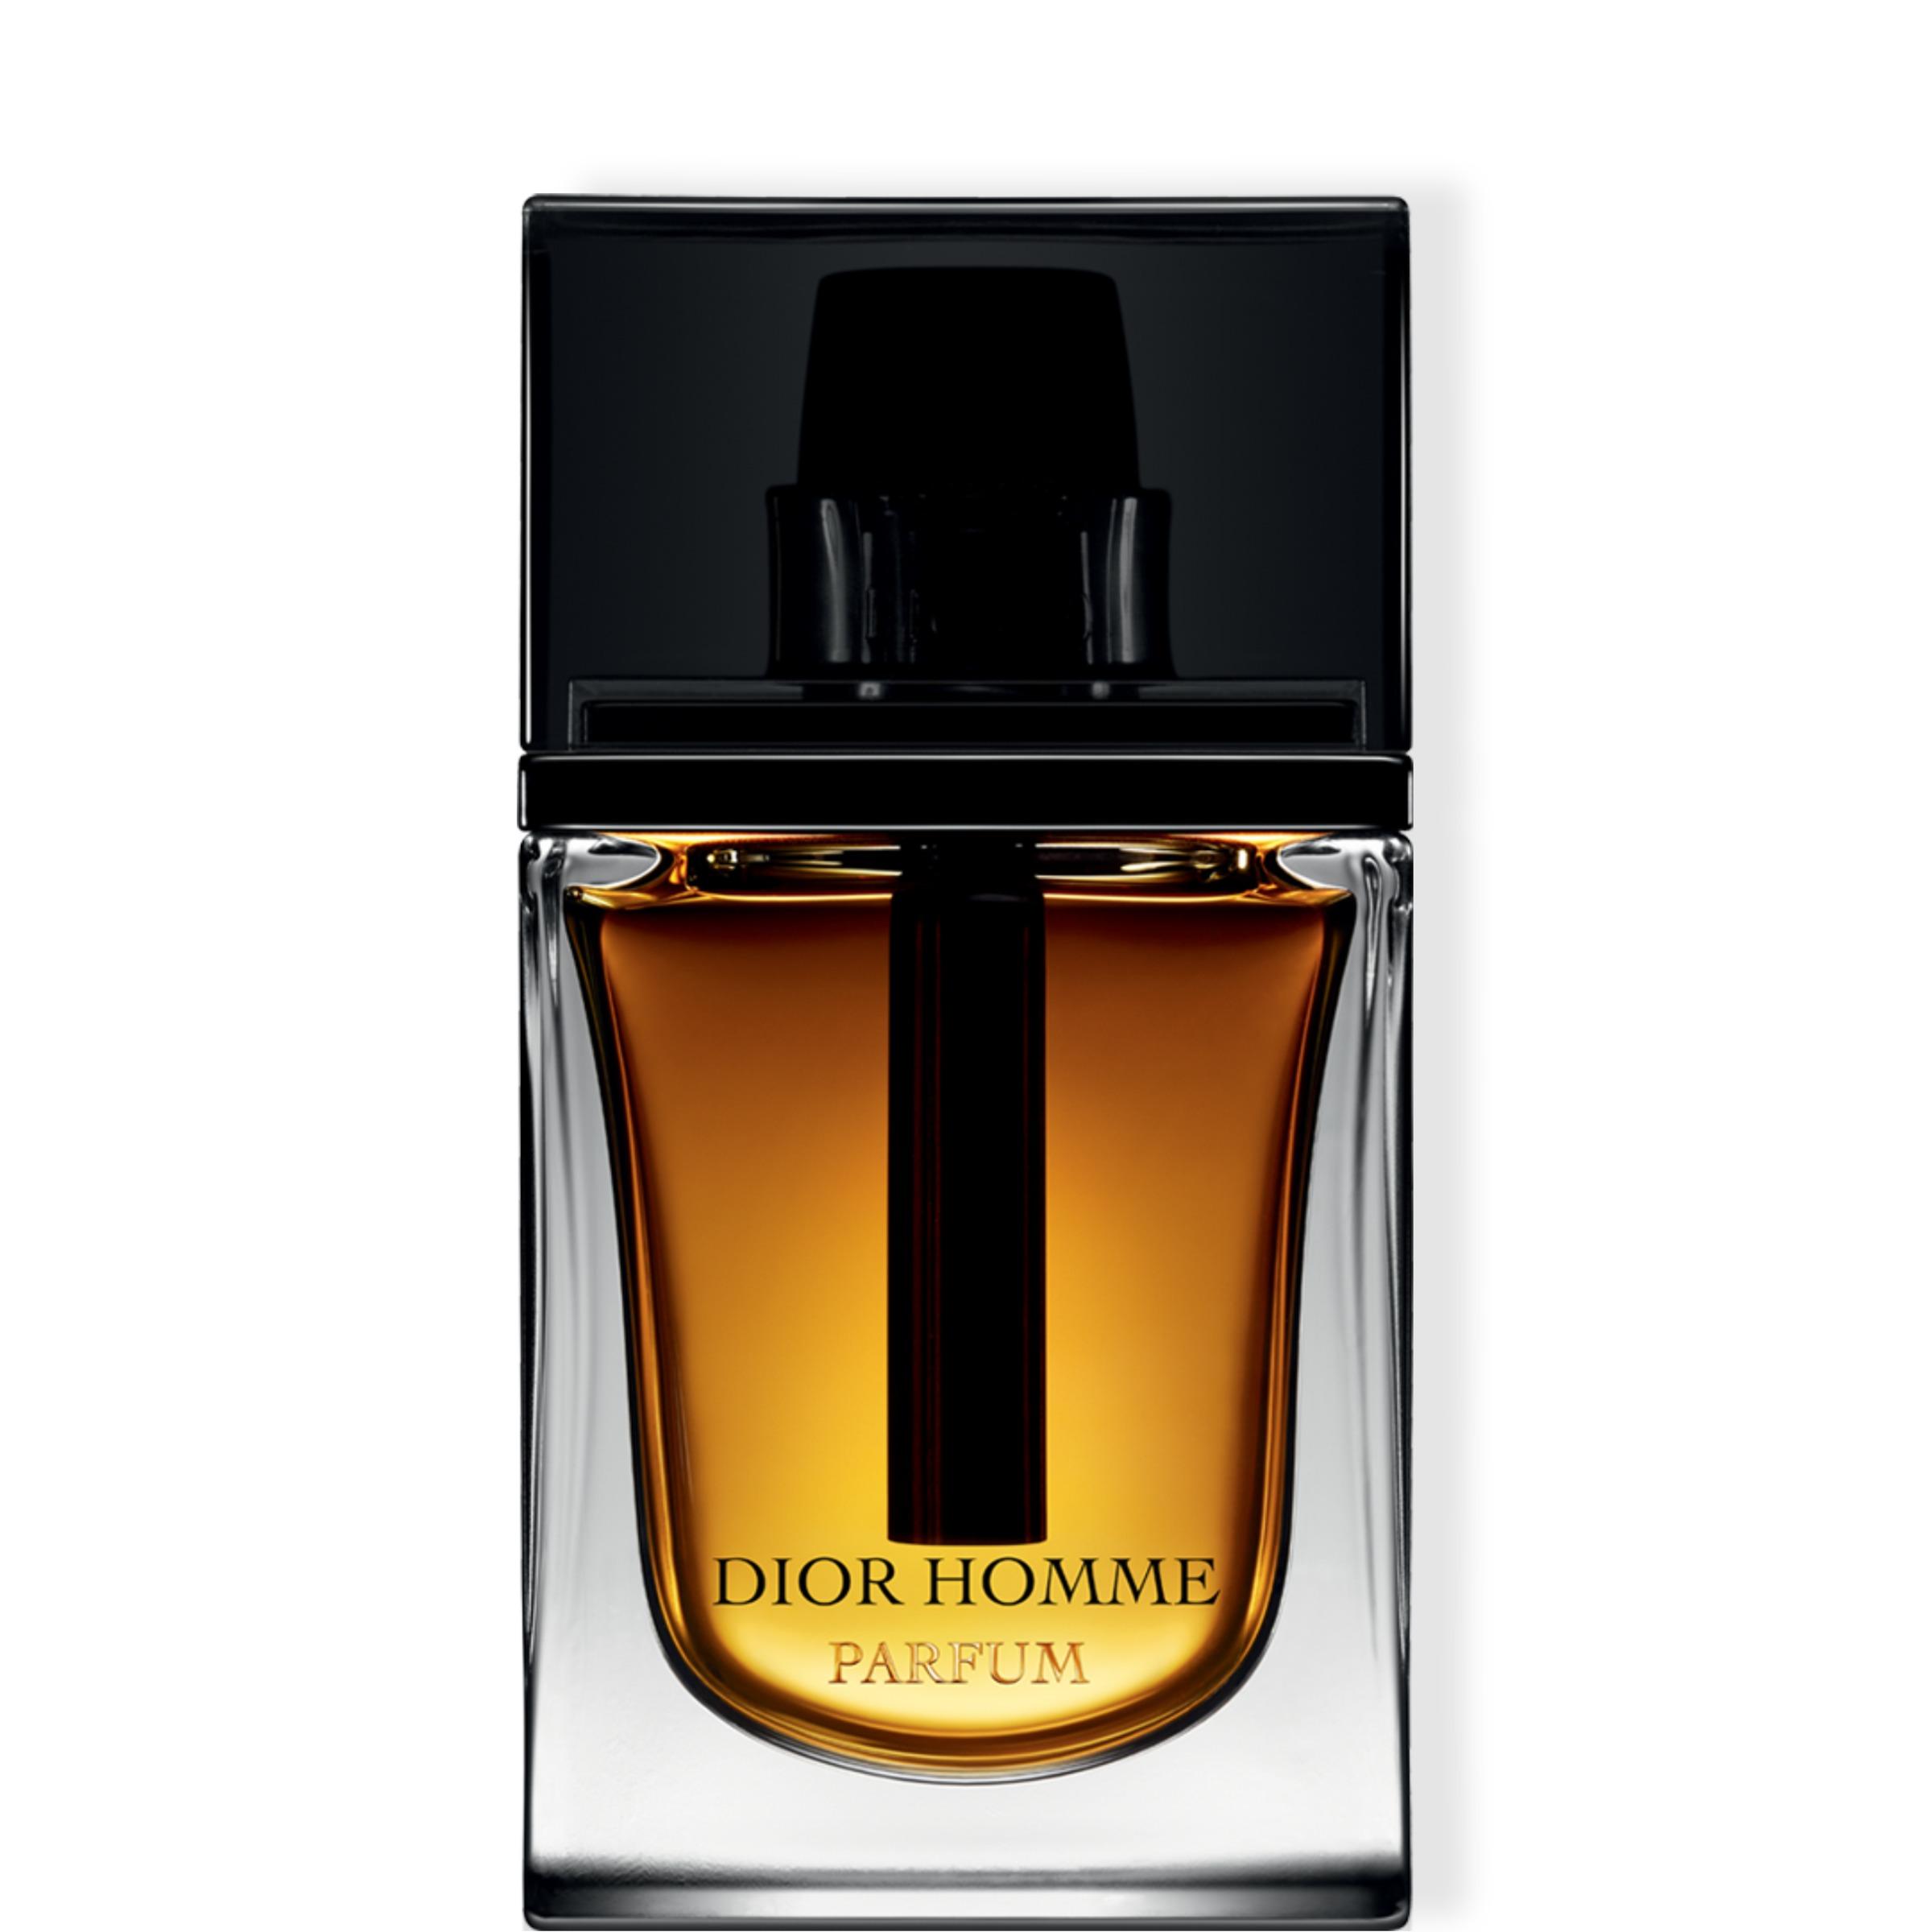 Dior Homme Eau de Parfum